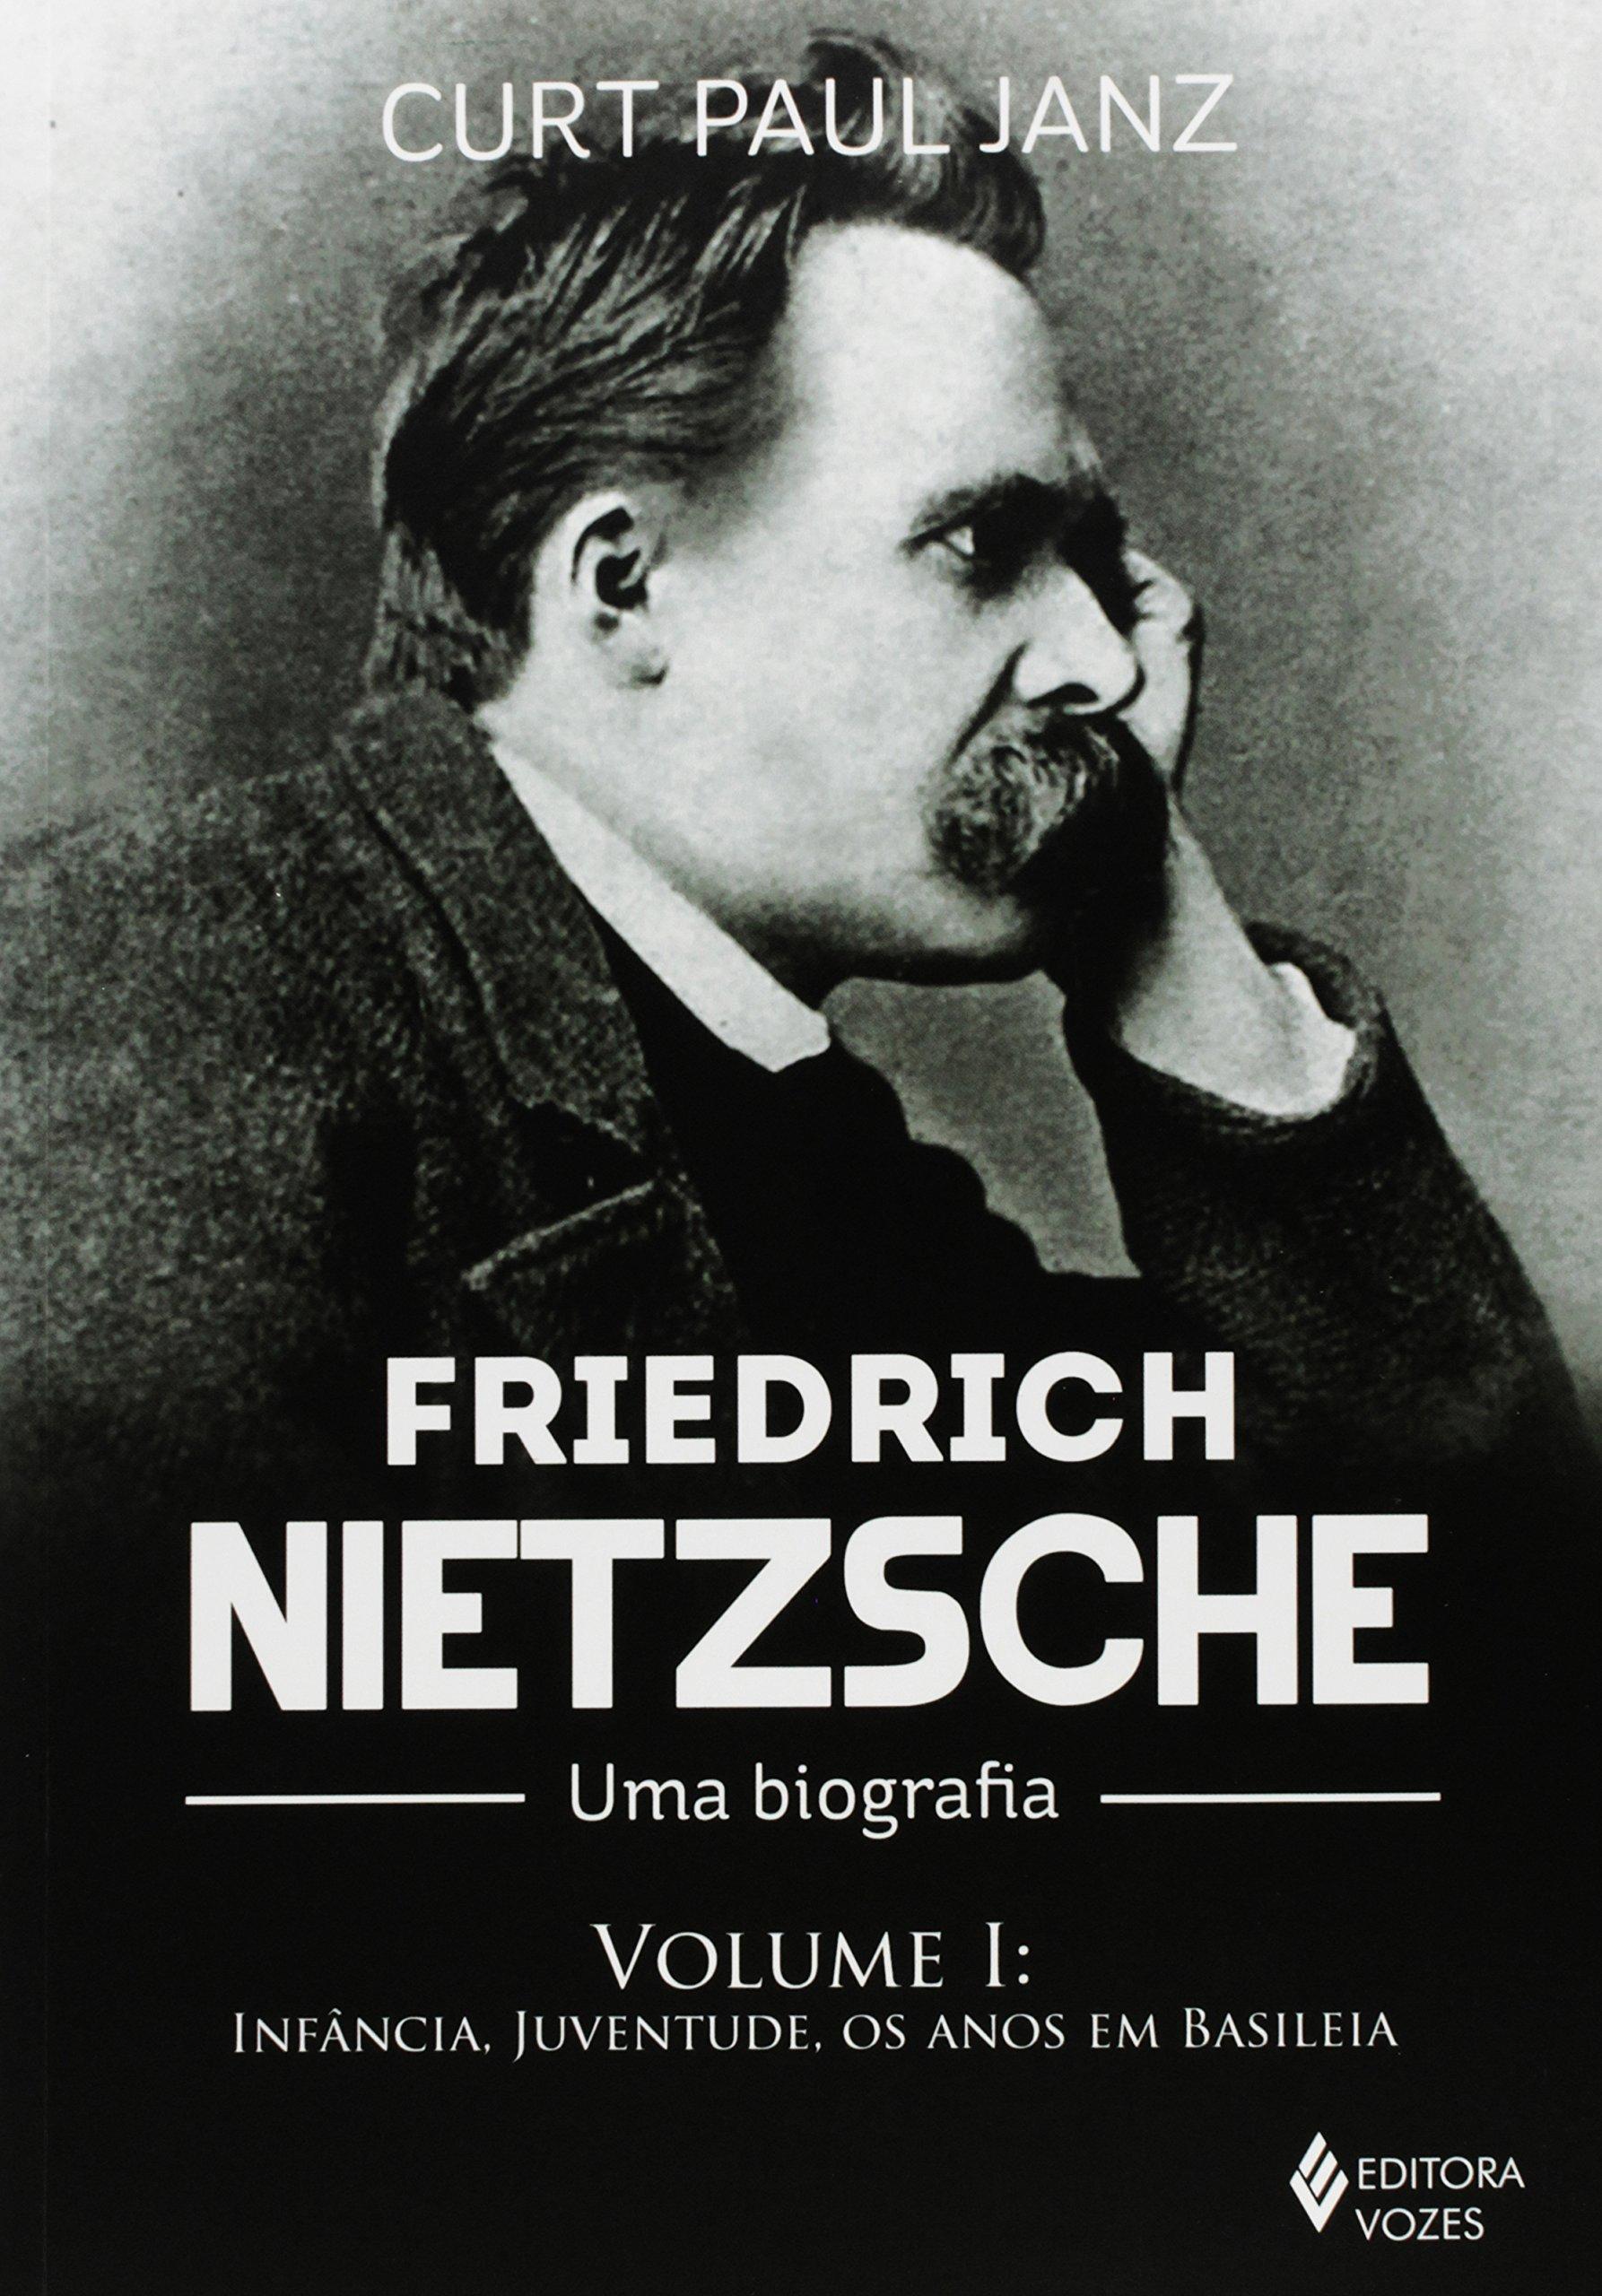 Friedrich Nietzsche: Uma Biografia - Caixa com 3 Volumes: Amazon.es: Curt Paul Janz: Libros